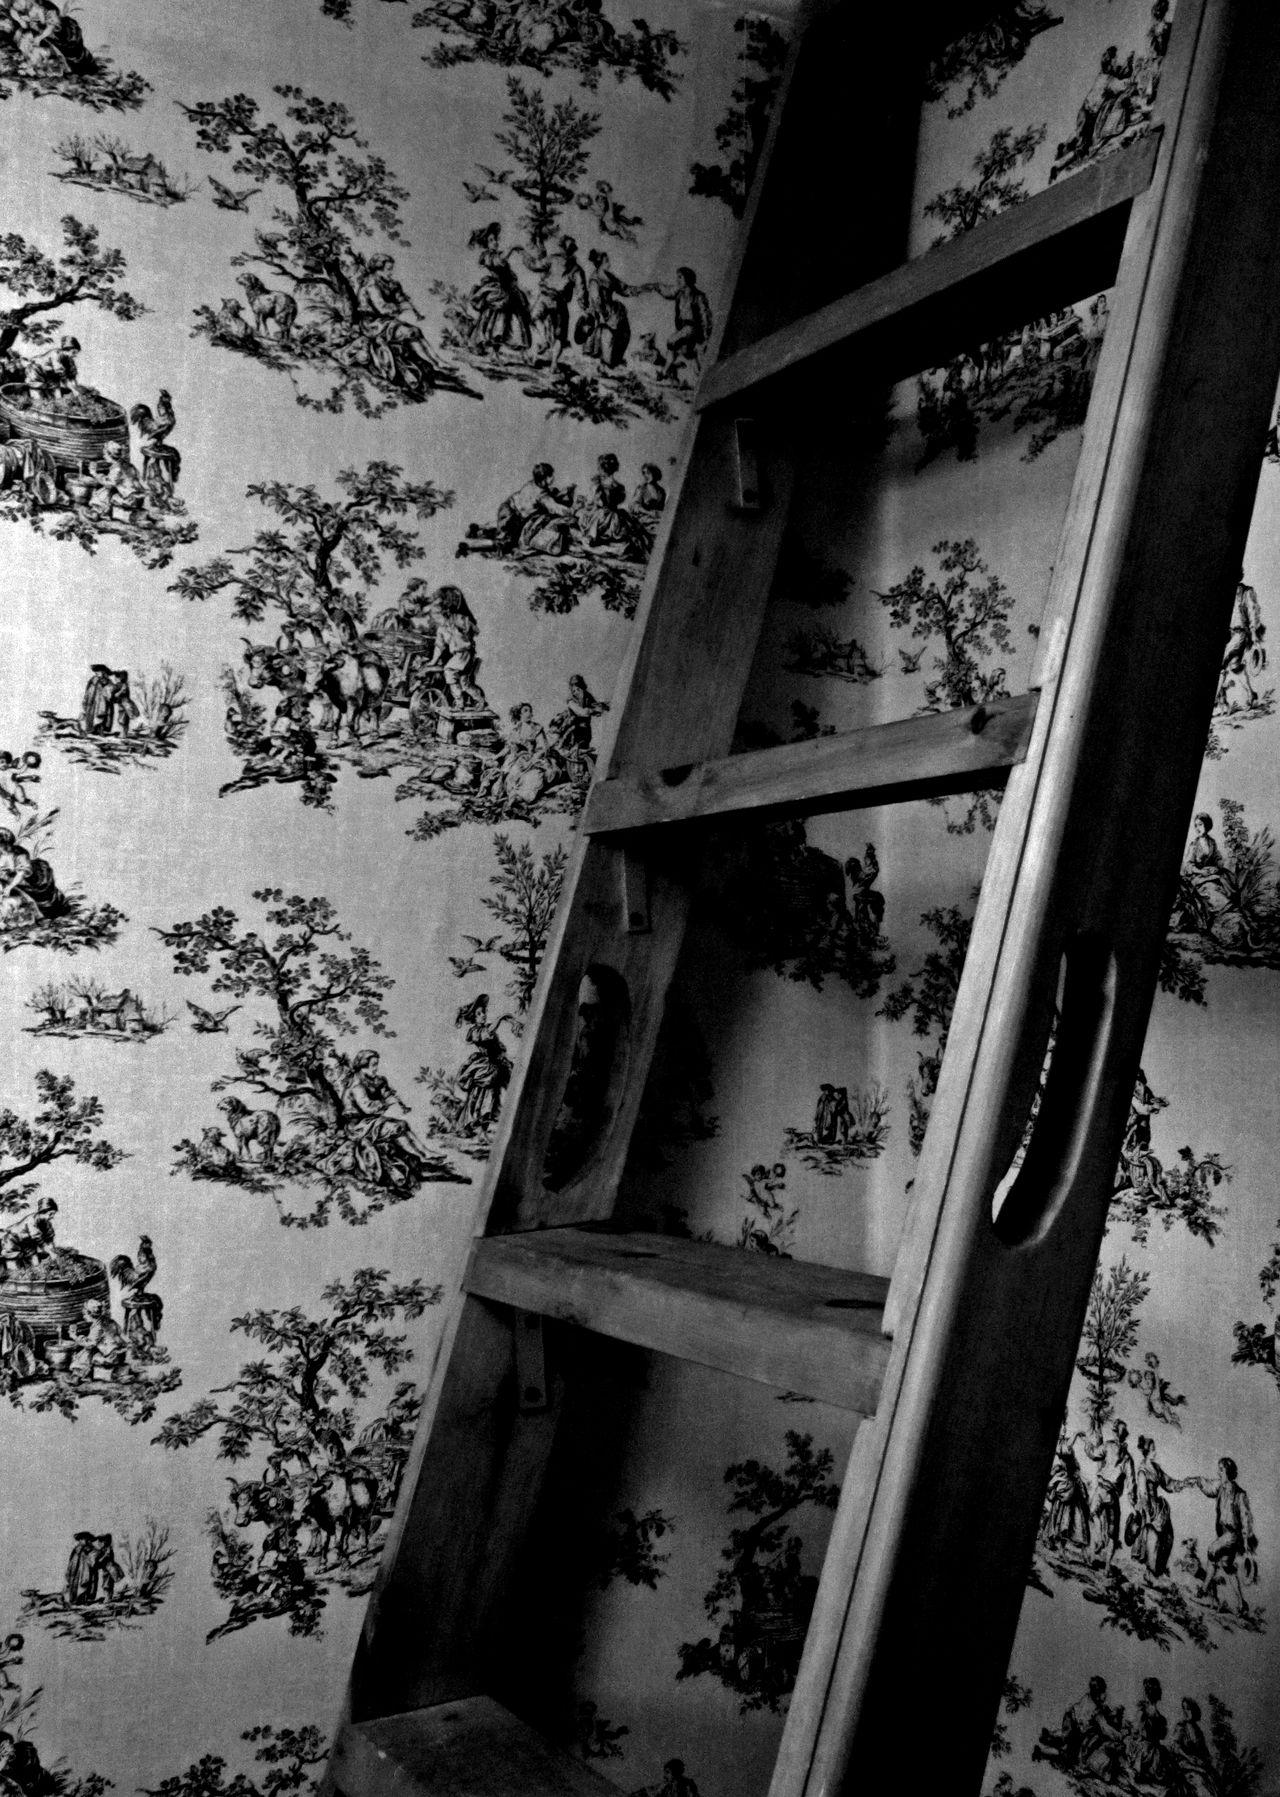 Black & White Black And White Black And White Photography Black&white Blackandwhite Blackandwhite Photography Blackandwhitephotography Blackwhite Contrast Jonnymckinnon Jonnymckinnonphotography Ladder Ladders Simple Details Wood - Material Wooden